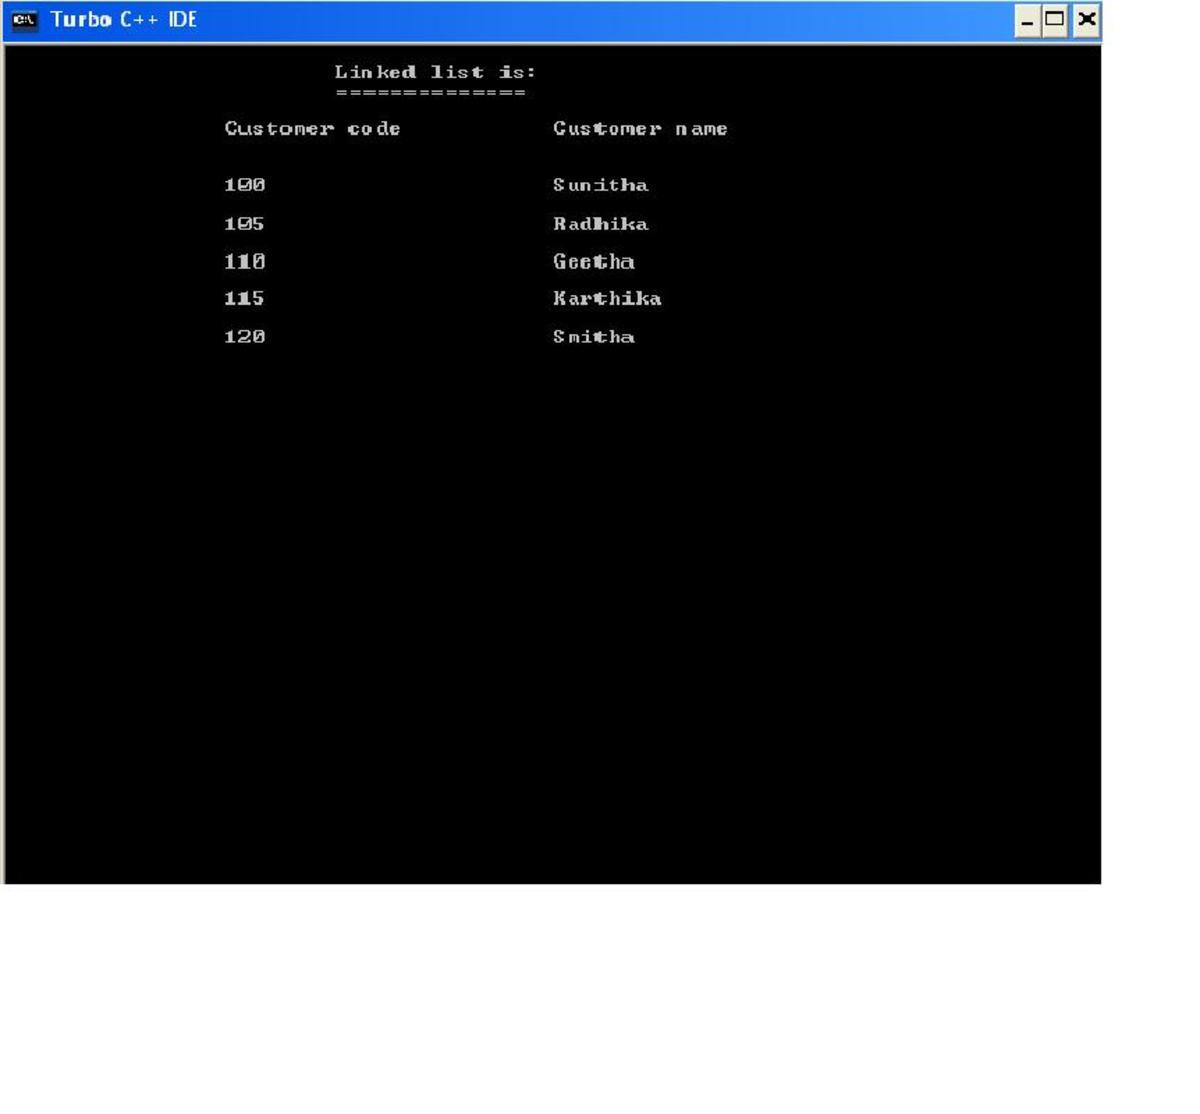 linked list created